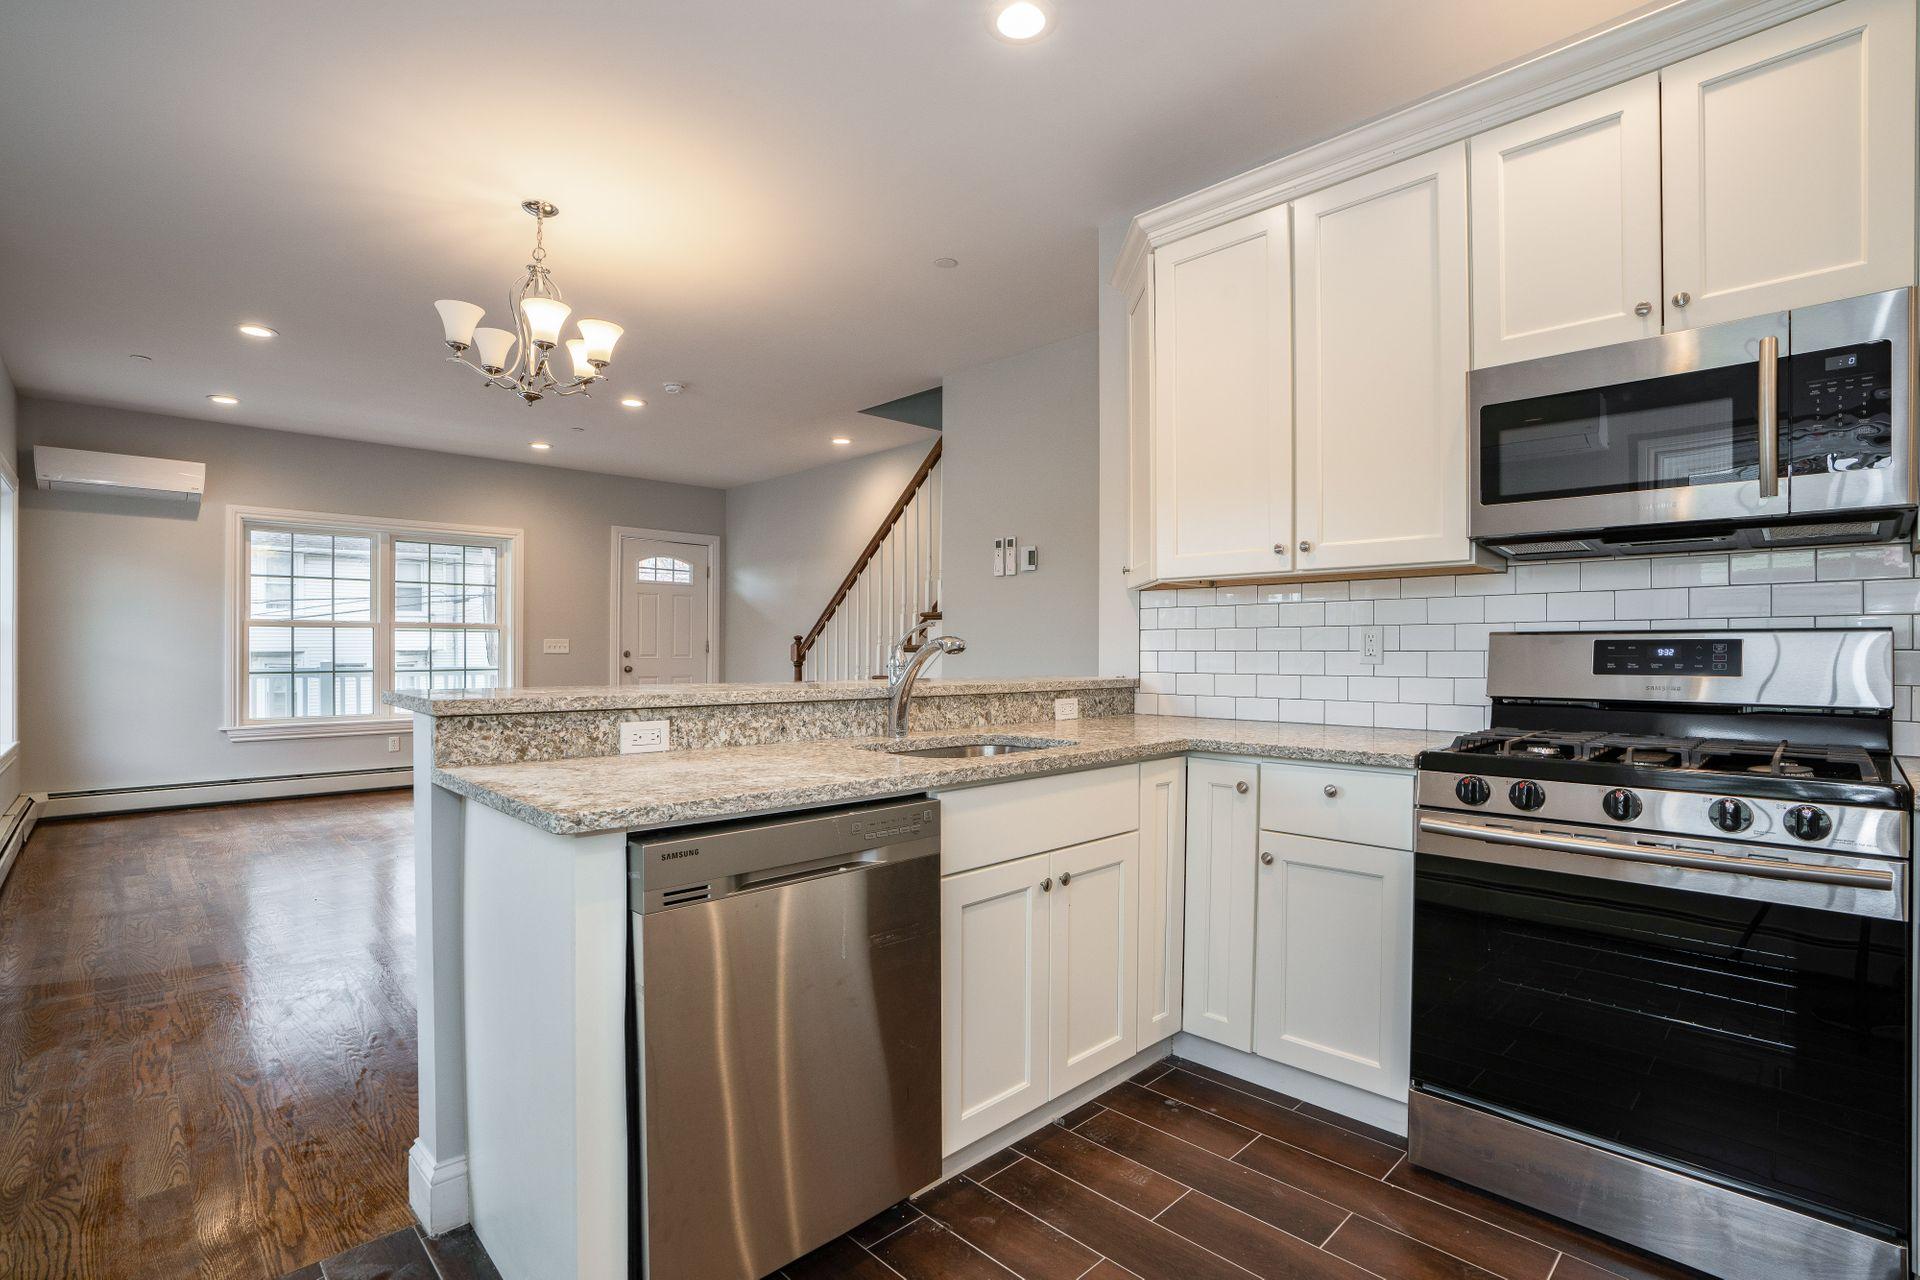 Bathroom Remodel | Kitchen Remodel | Renovation ...